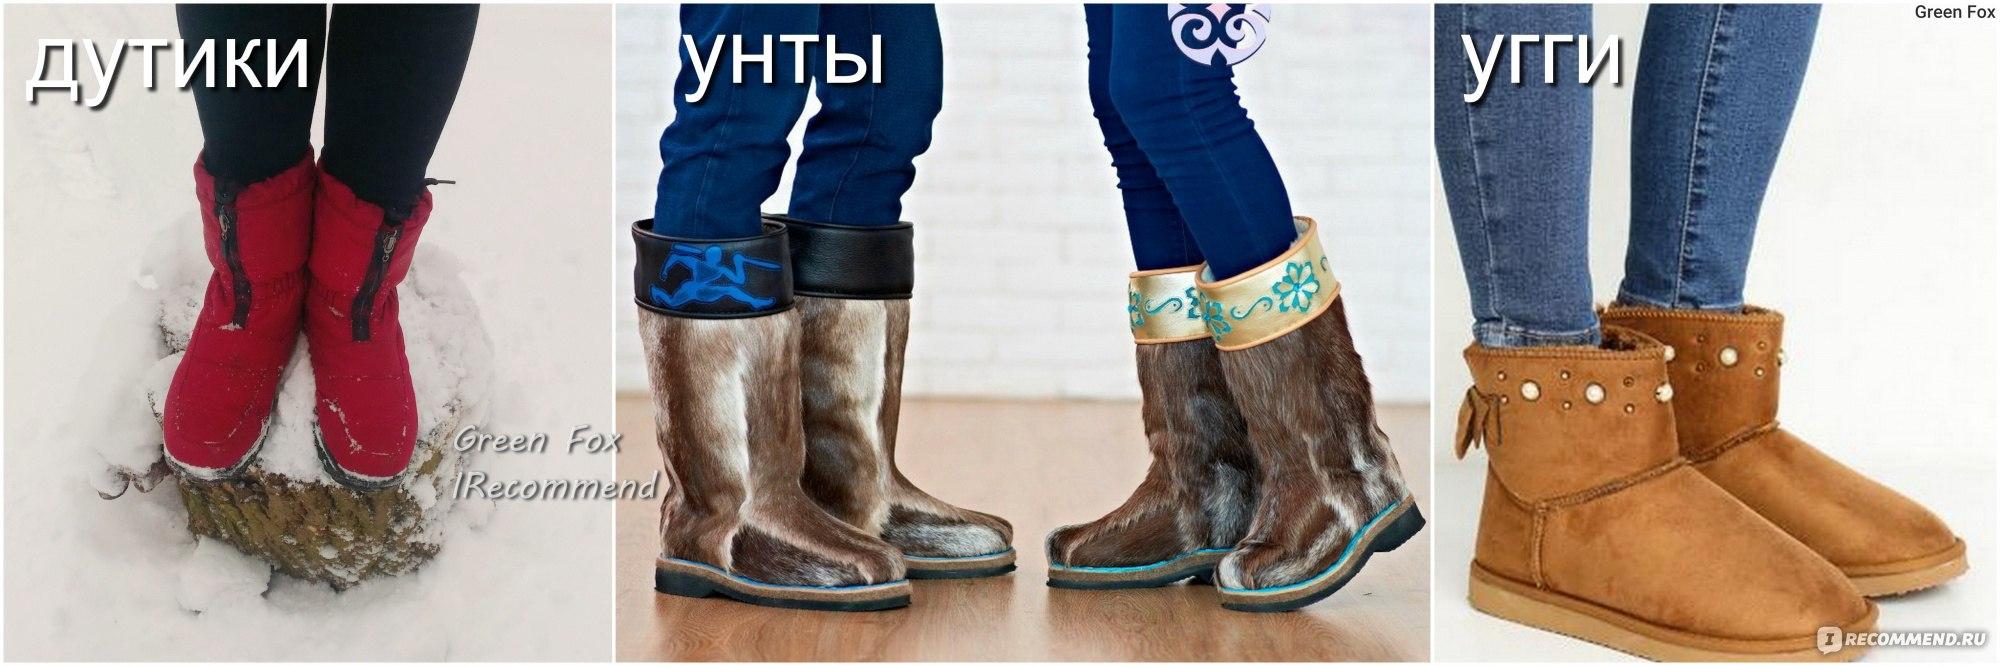 01e6c34e5 Сапоги зимние OUTVENTURE Median III - «Какая обувь САМАЯ ТЁПЛАЯ ...